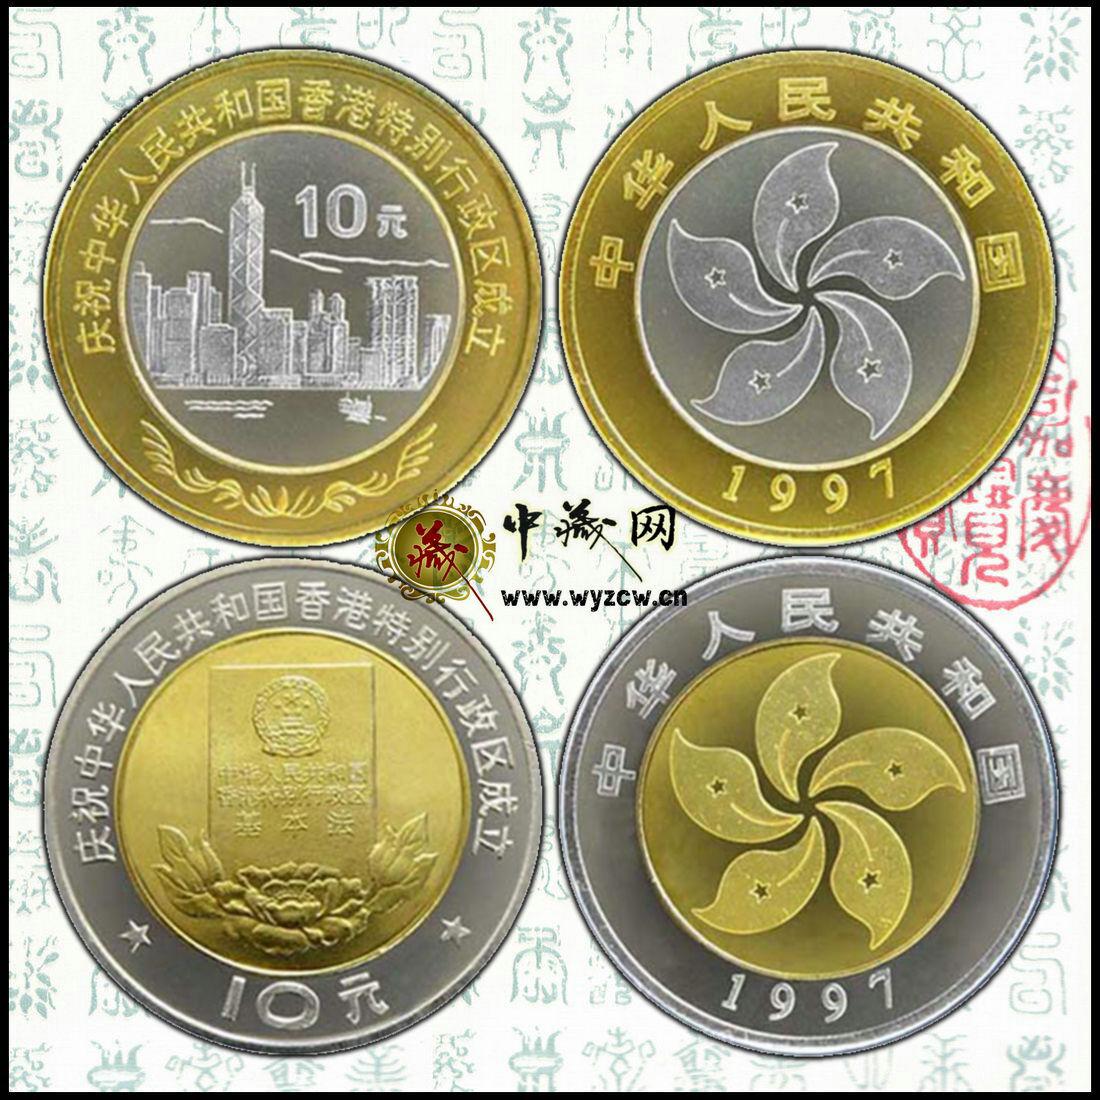 全新卷拆品 1997年香港回归纪念币面值20元一套两枚 赠小圆盒